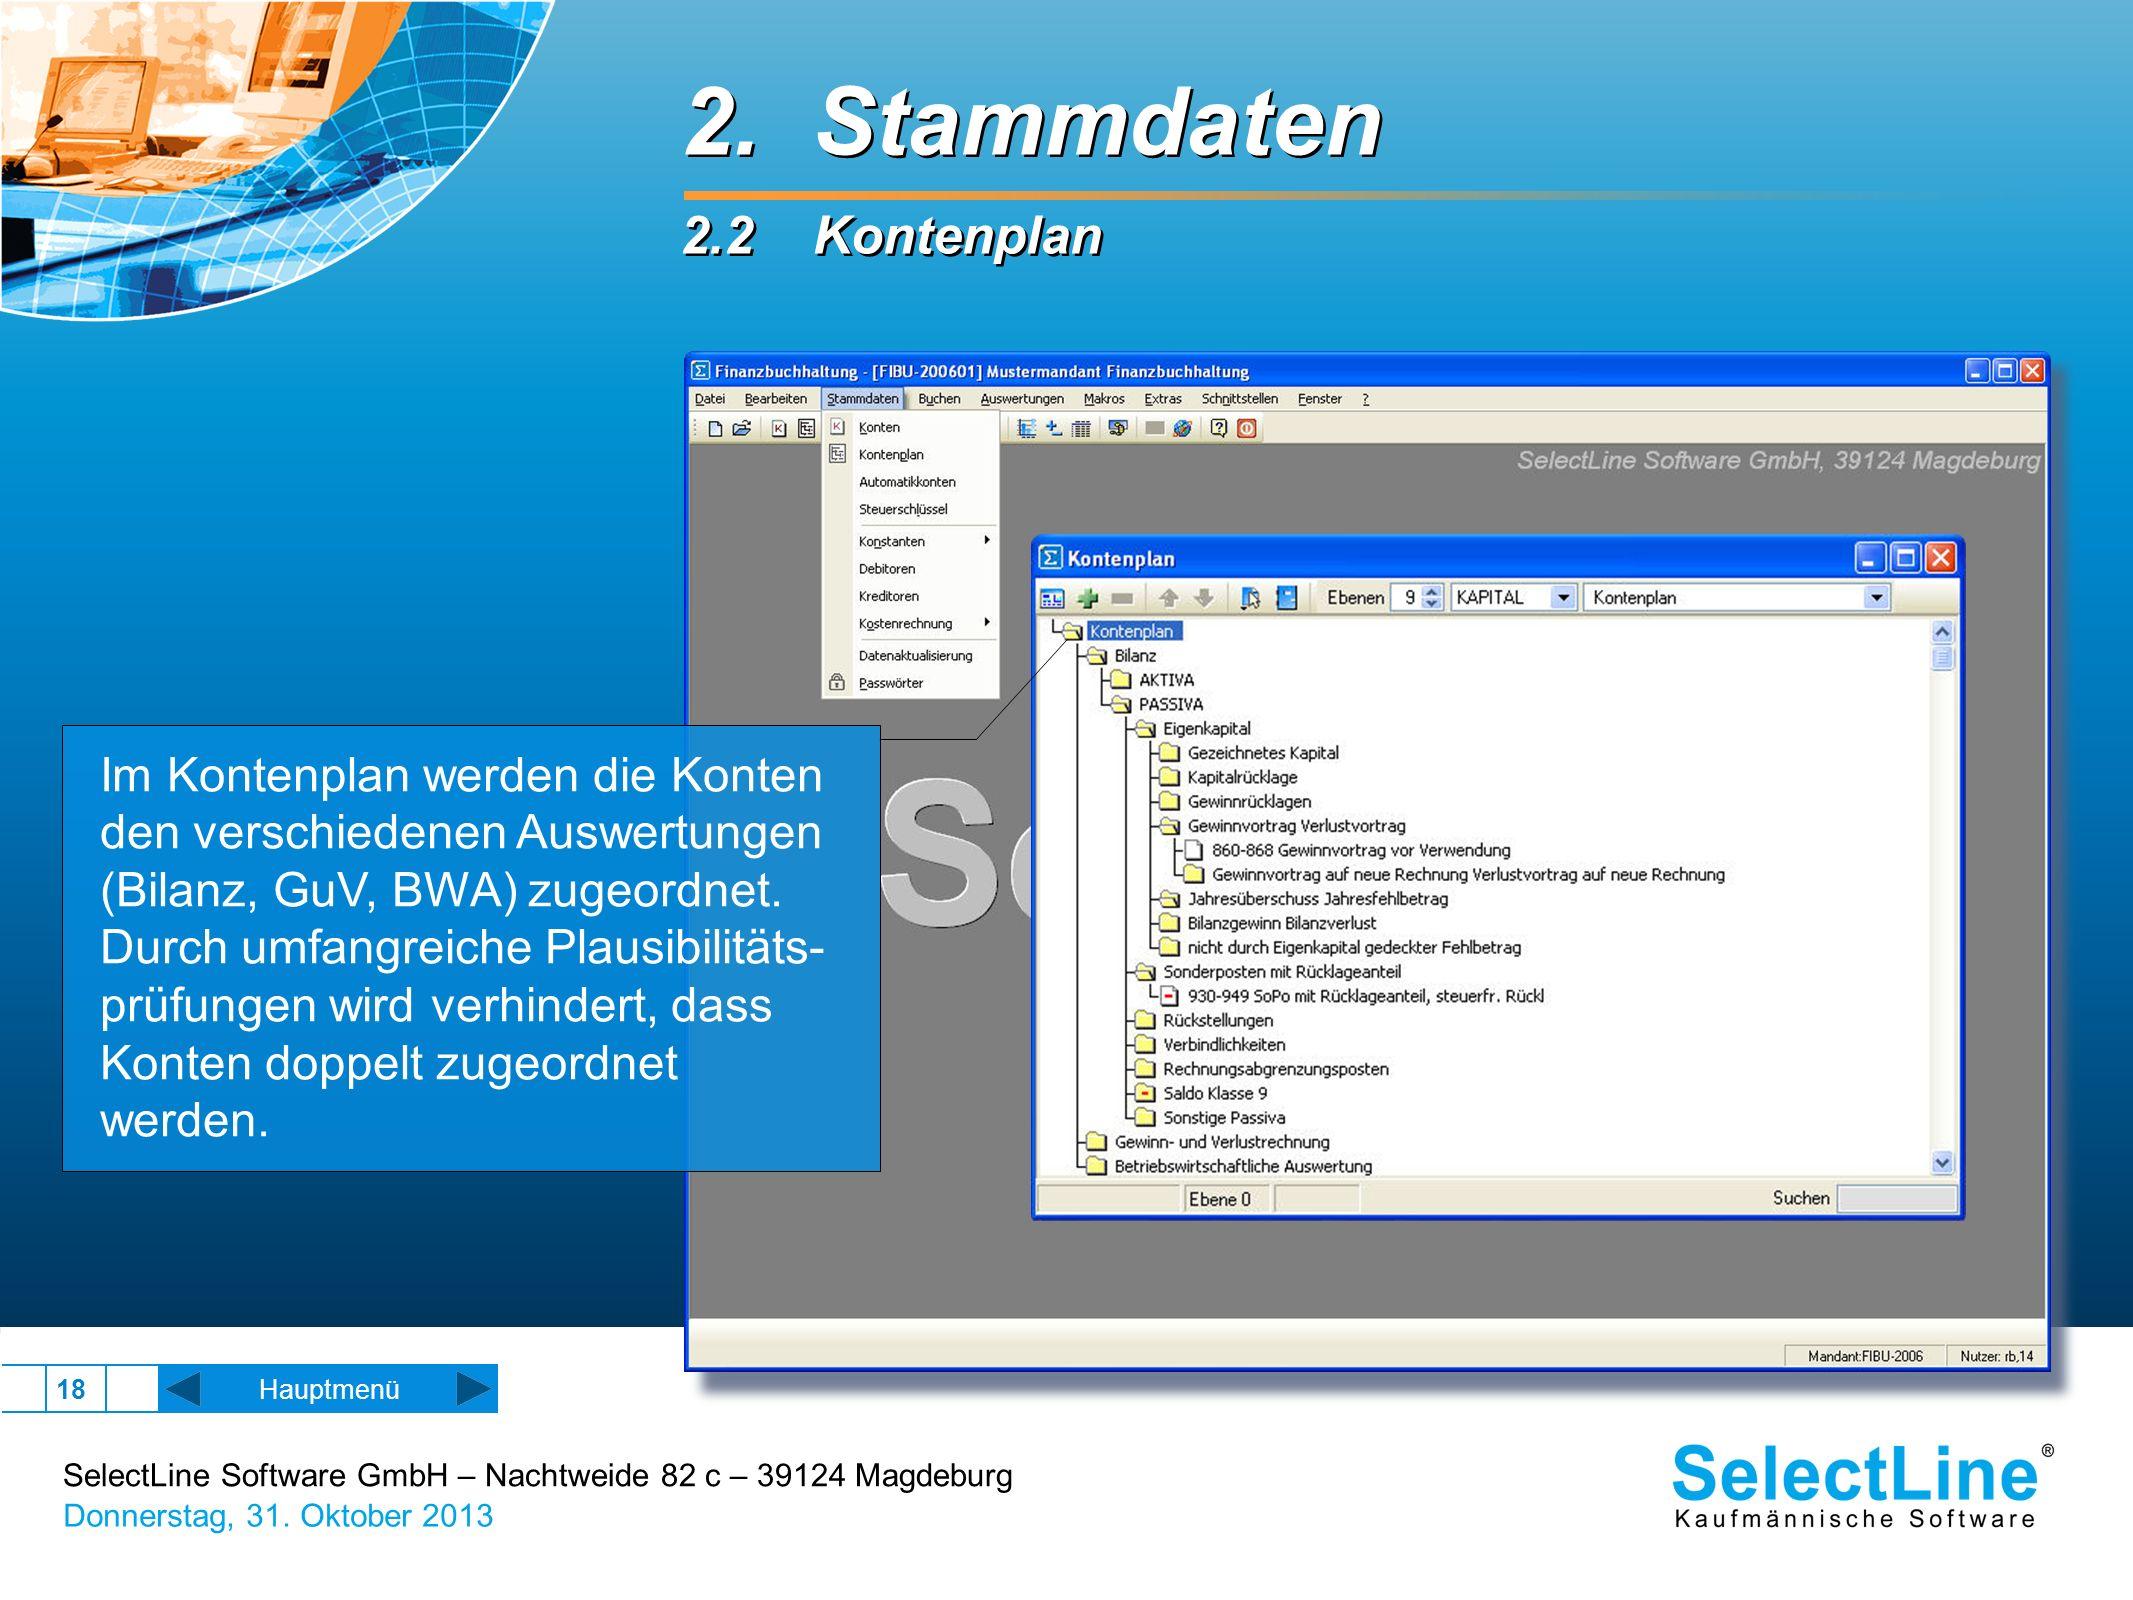 SelectLine Software GmbH – Nachtweide 82 c – 39124 Magdeburg Donnerstag, 31. Oktober 2013 18 2. Stammdaten 2.2 Kontenplan 2. Stammdaten 2.2 Kontenplan